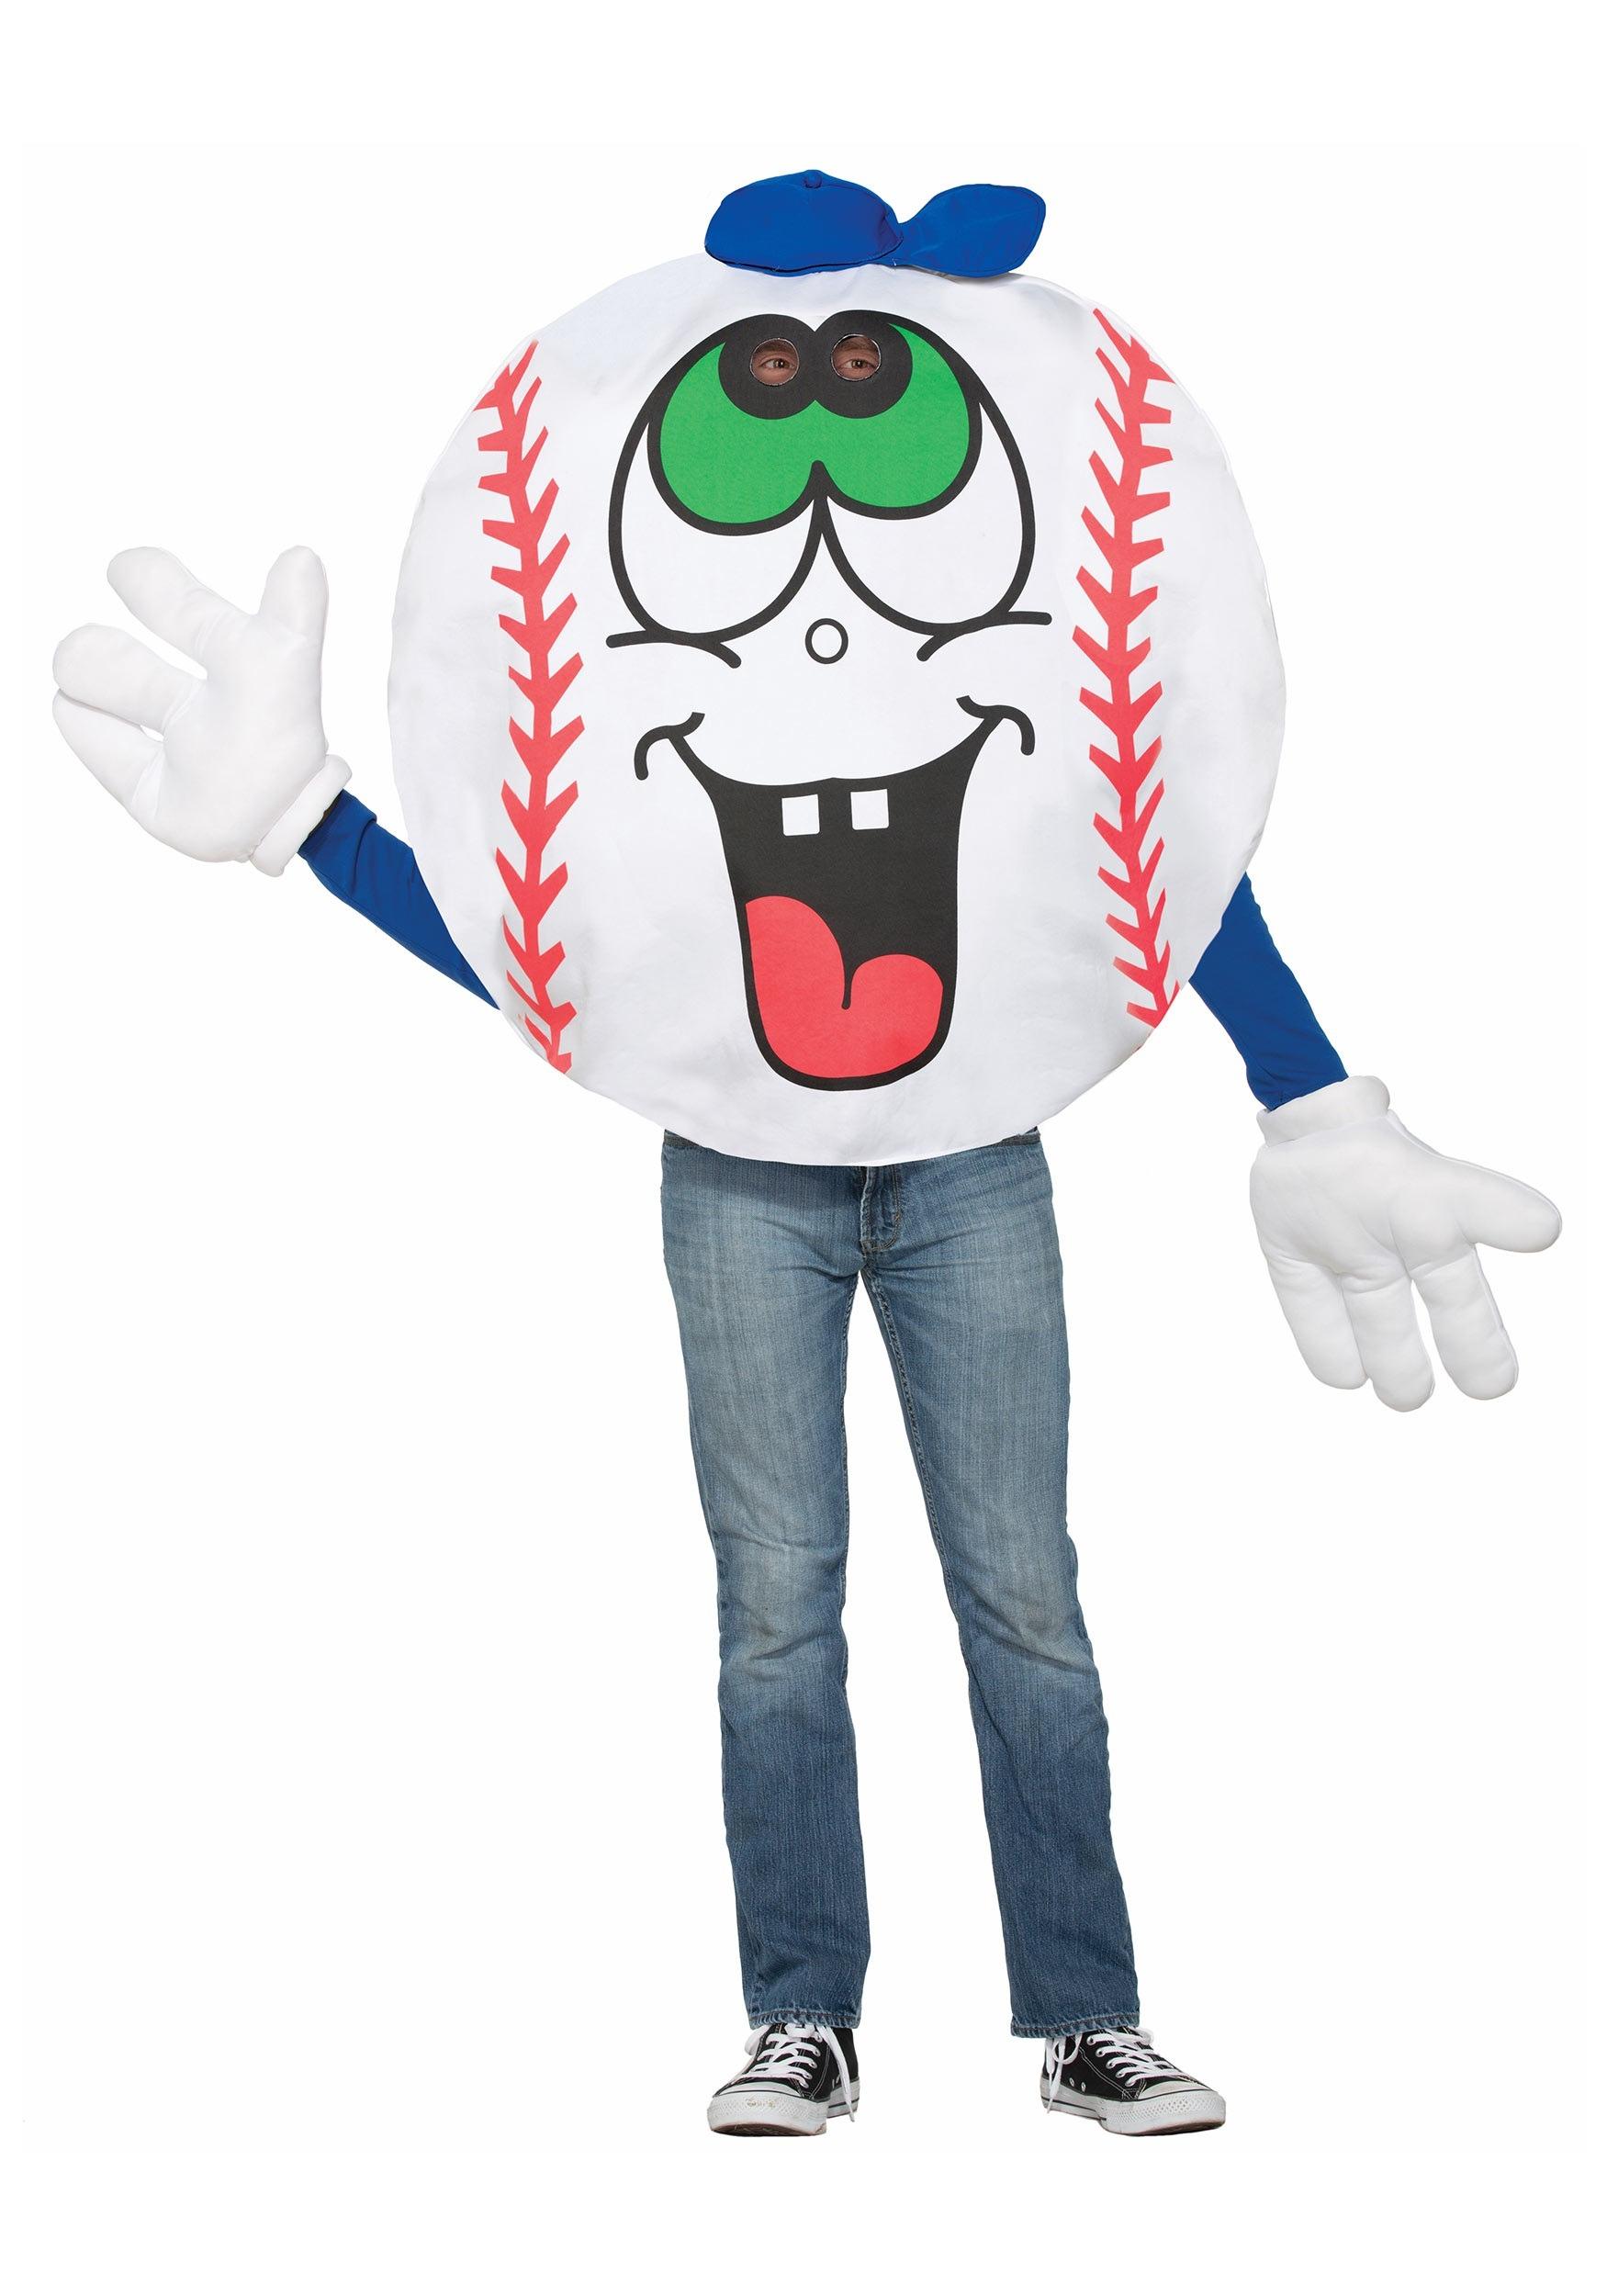 Adult Mascot Costumes 47